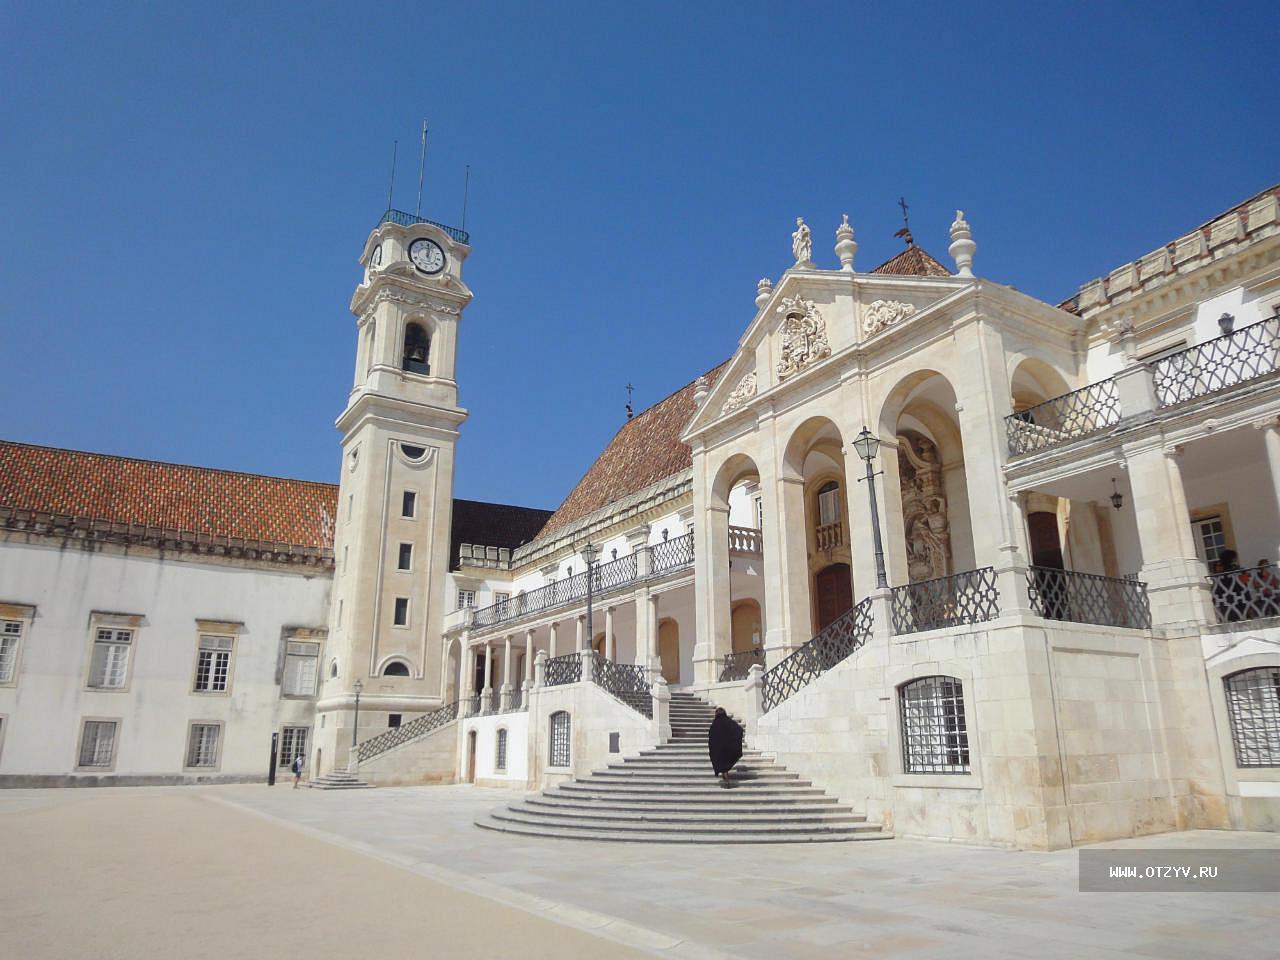 коимбра португалия достопримечательности фото